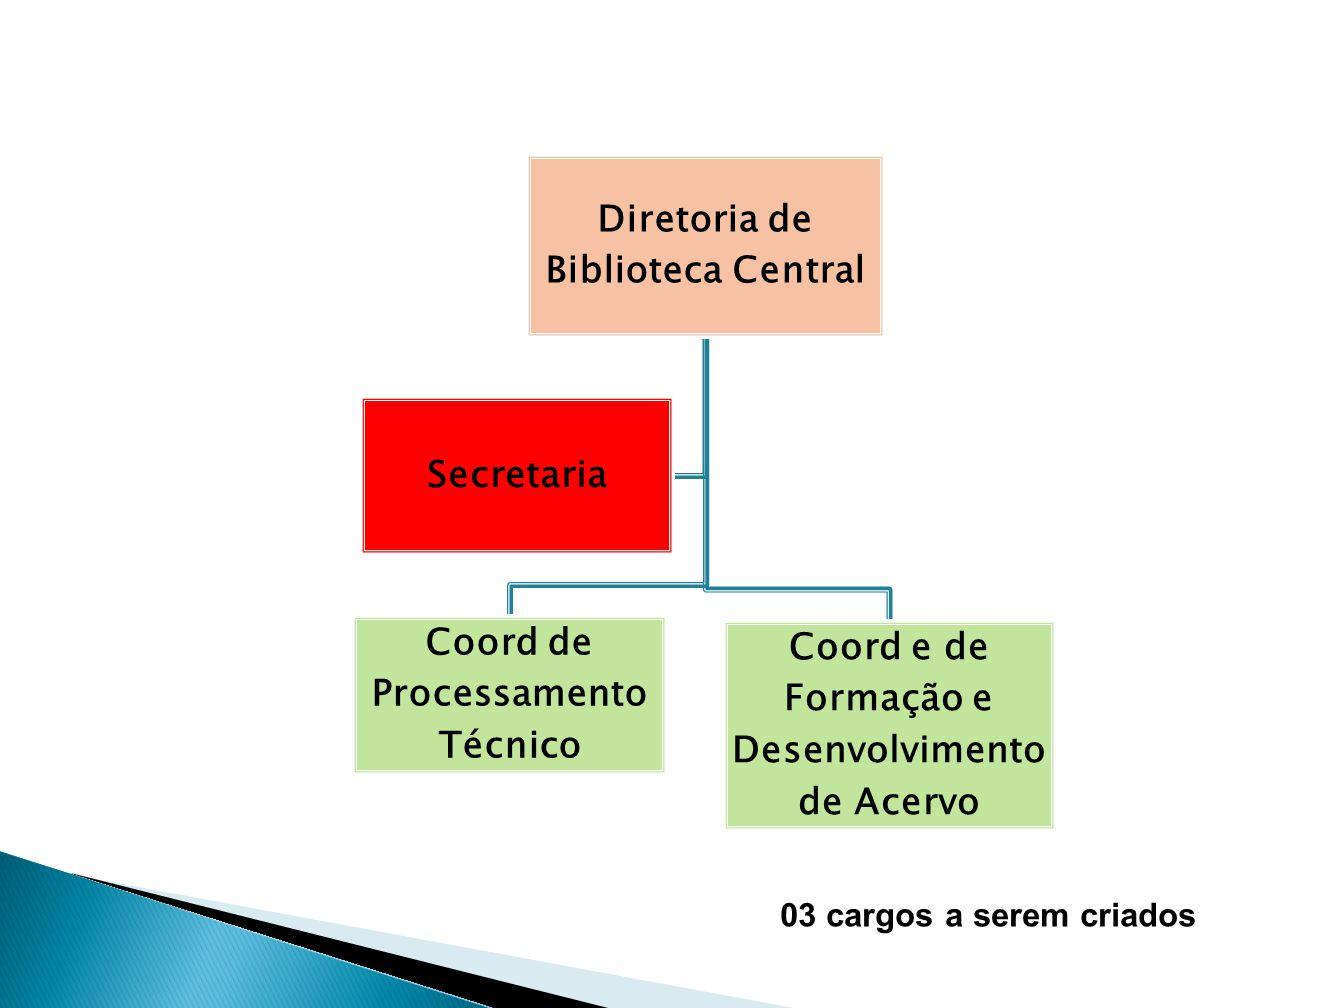 Diretoria de Biblioteca Central Coord de Processamento Técnico Coord e de Formação e Desenvolvimento de Acervo Secretaria 03 cargos a serem criados